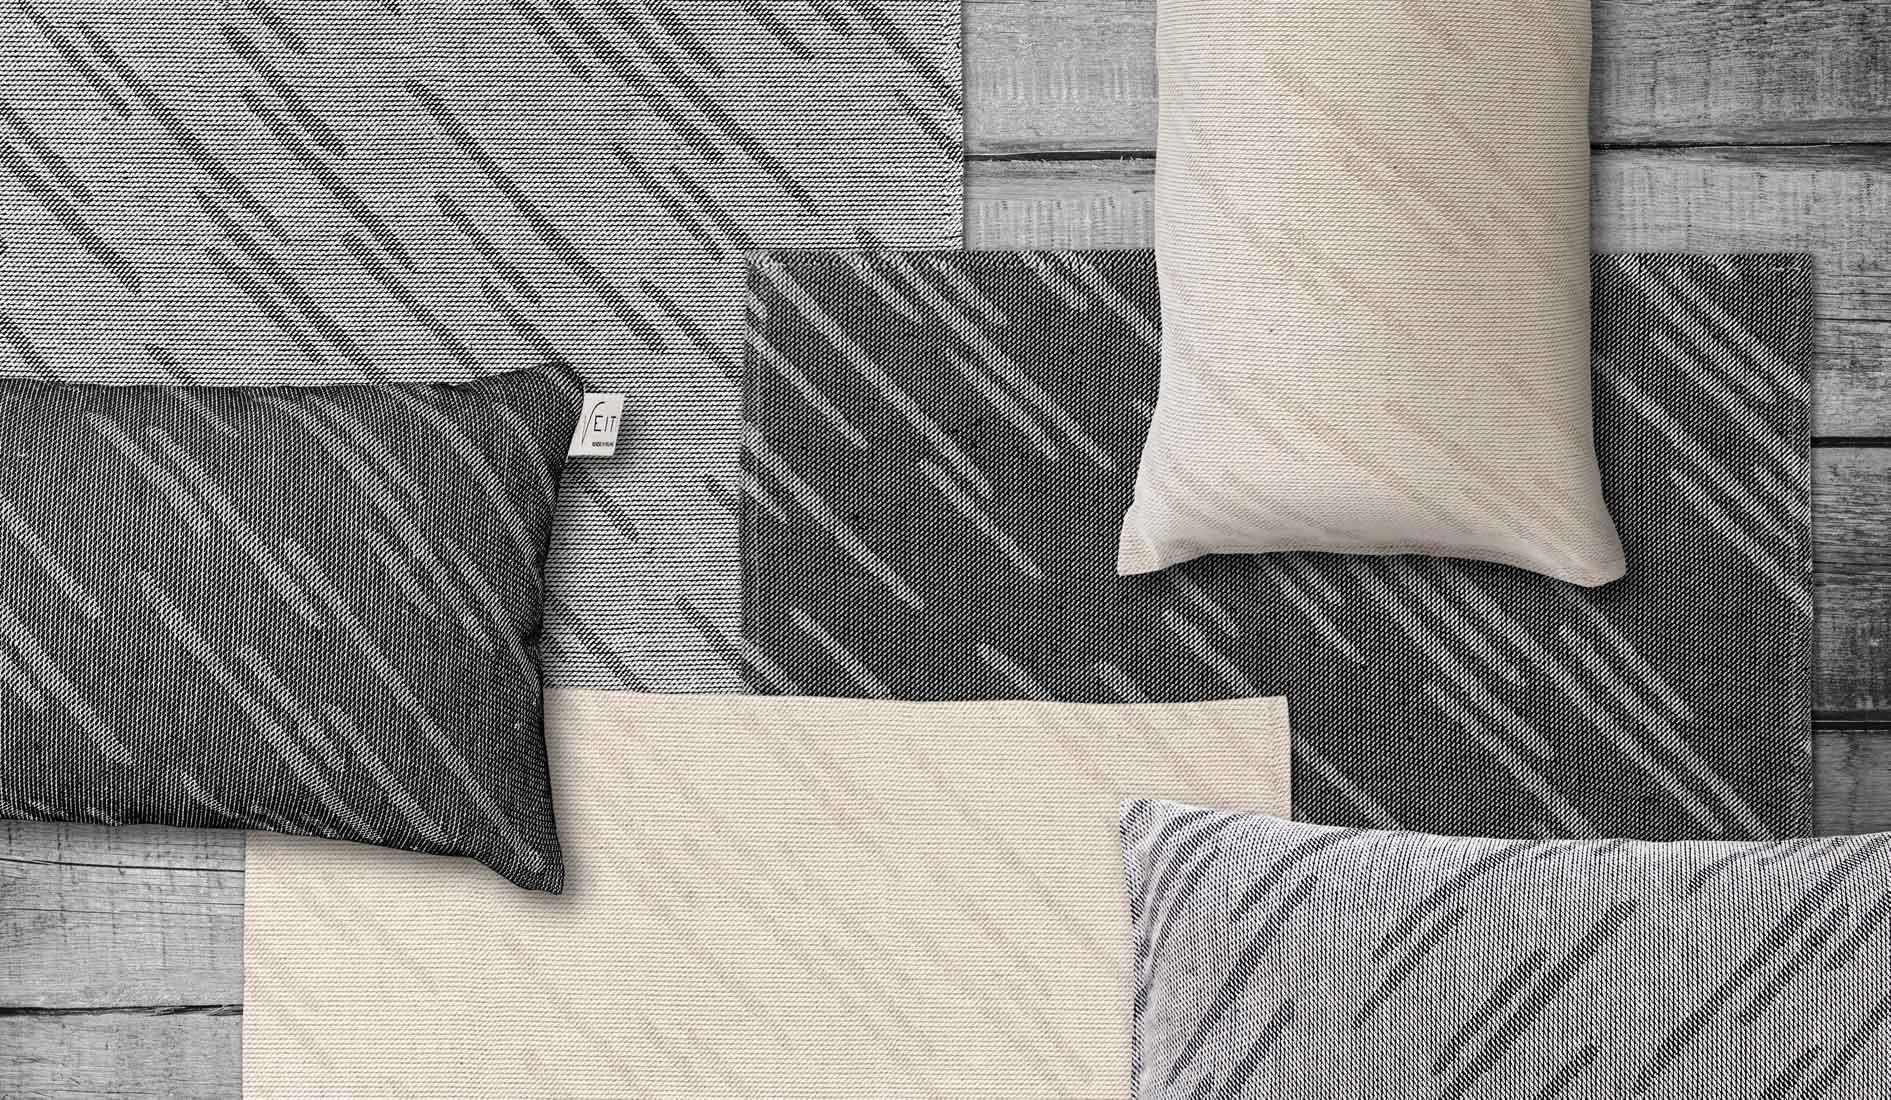 Tihku sauna textiles